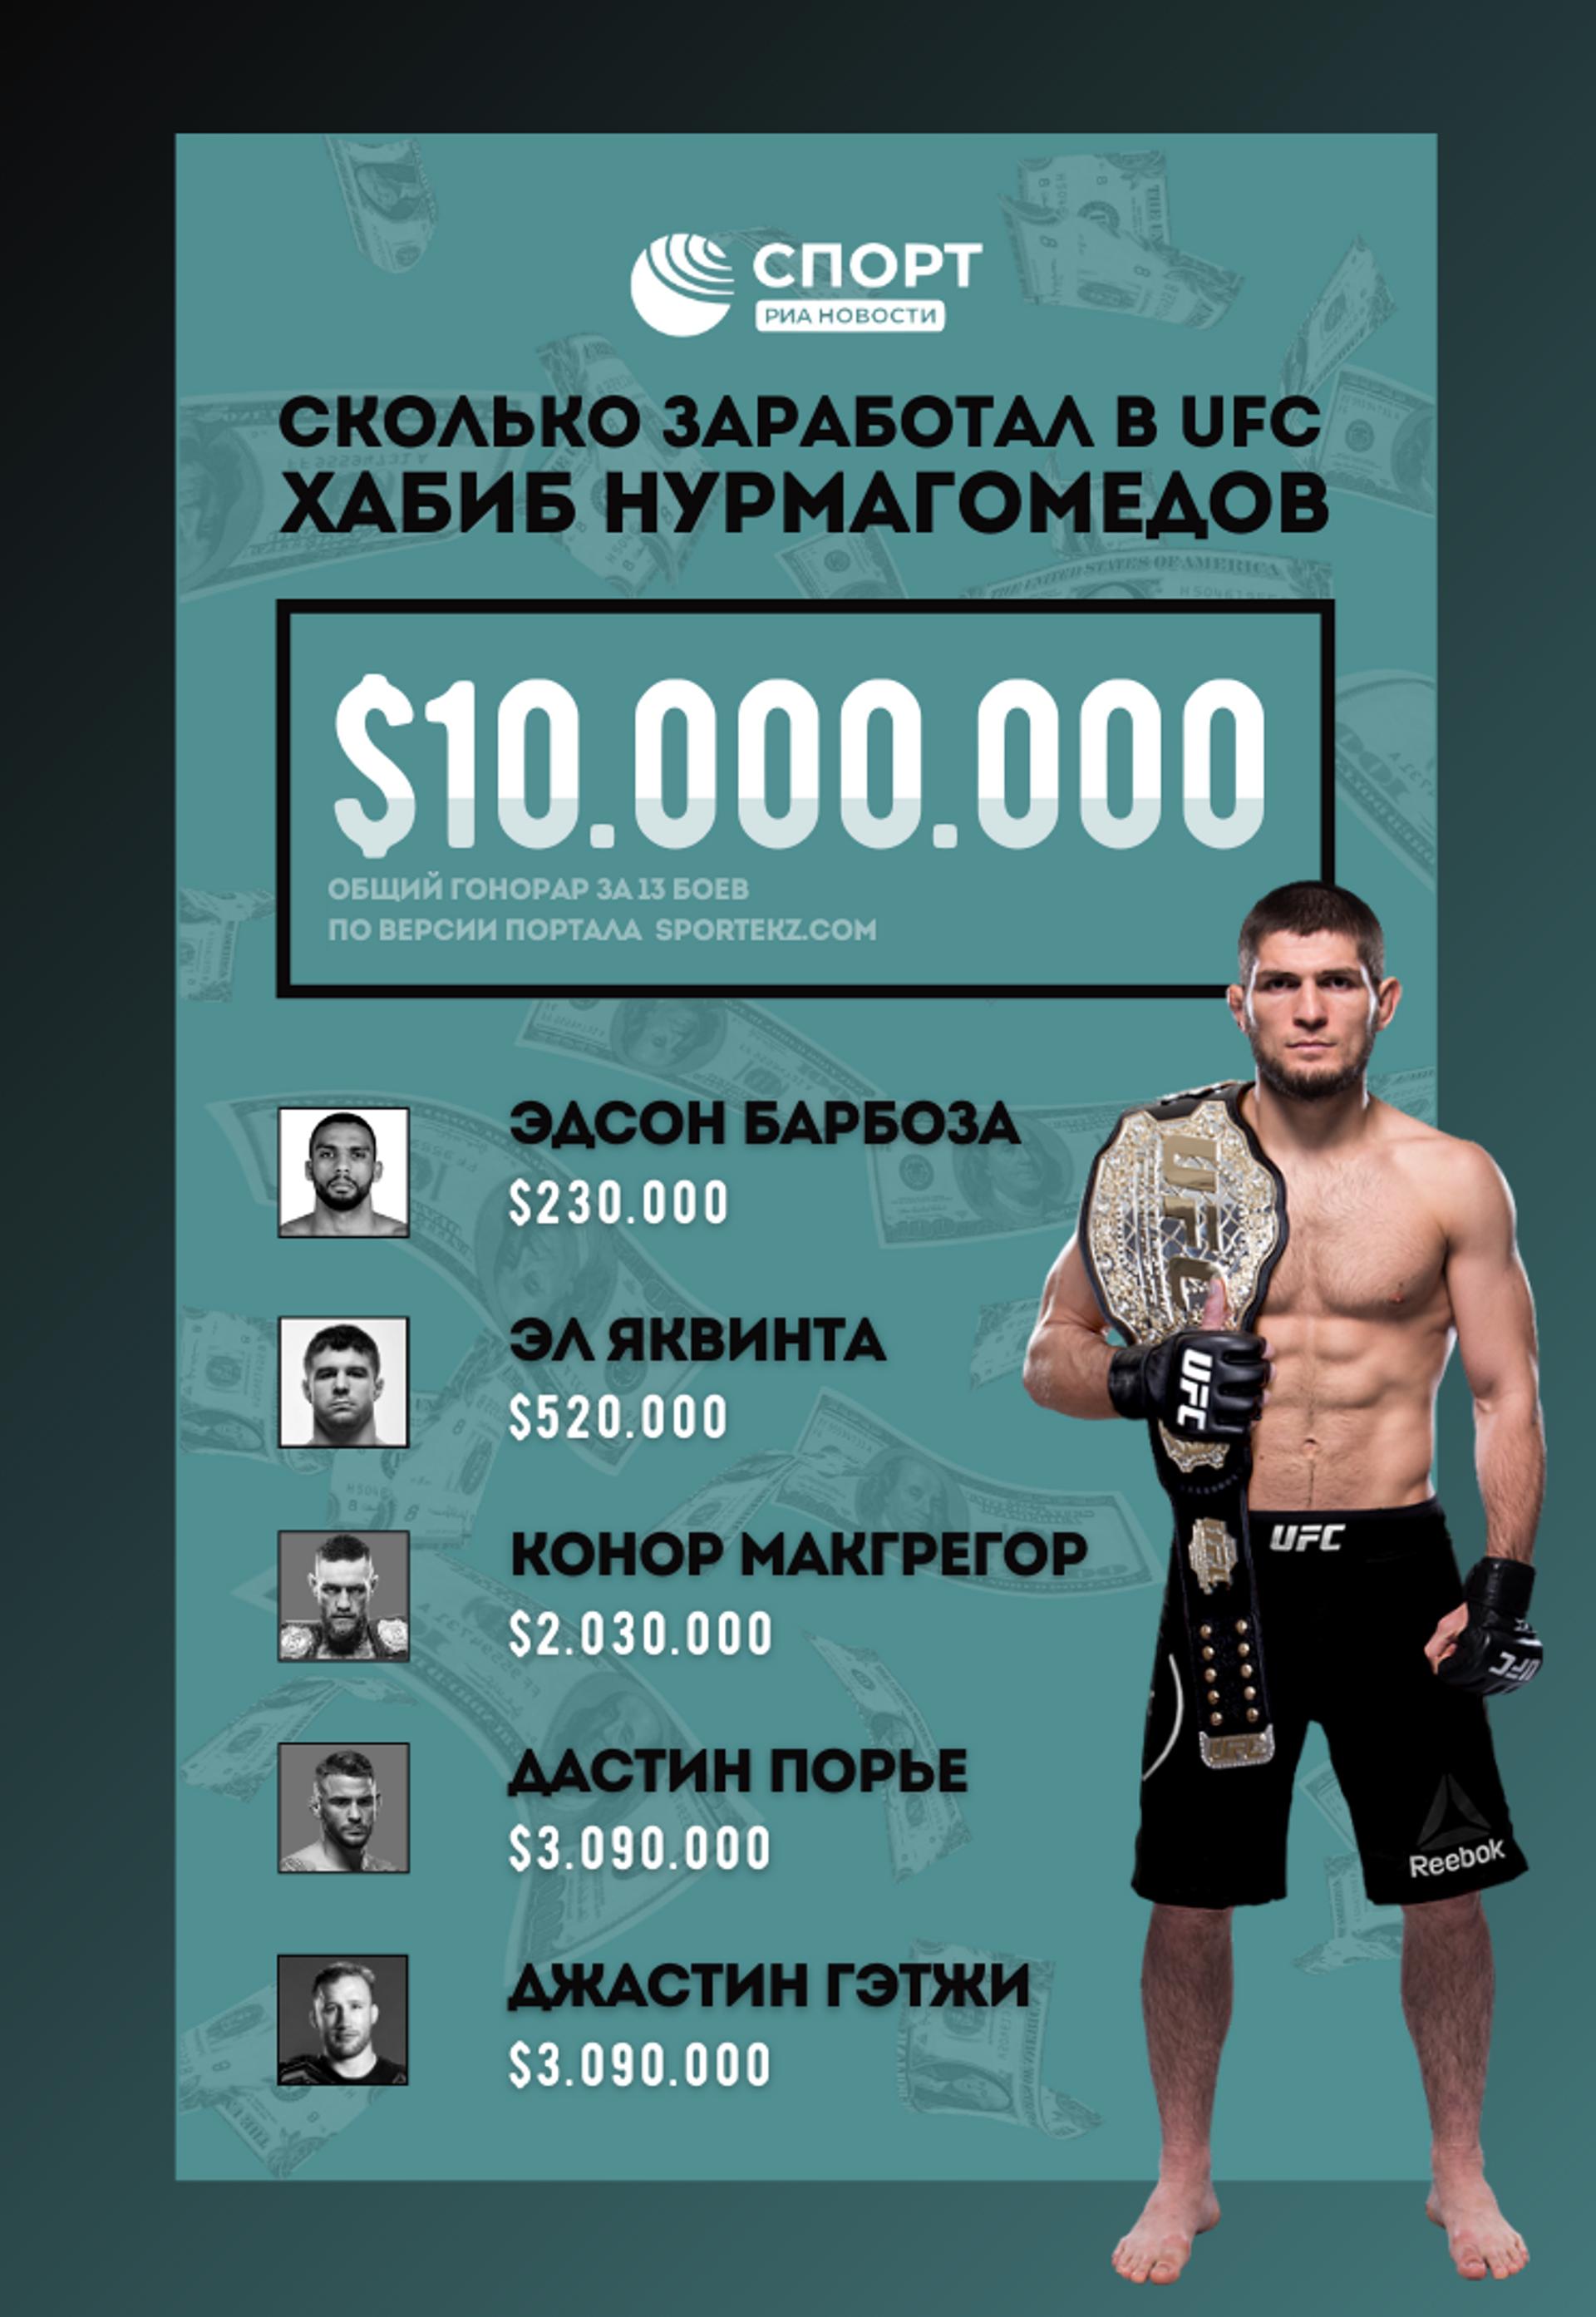 Гонорары Хабиба Нурмагомедова в UFC - РИА Новости, 1920, 25.03.2021